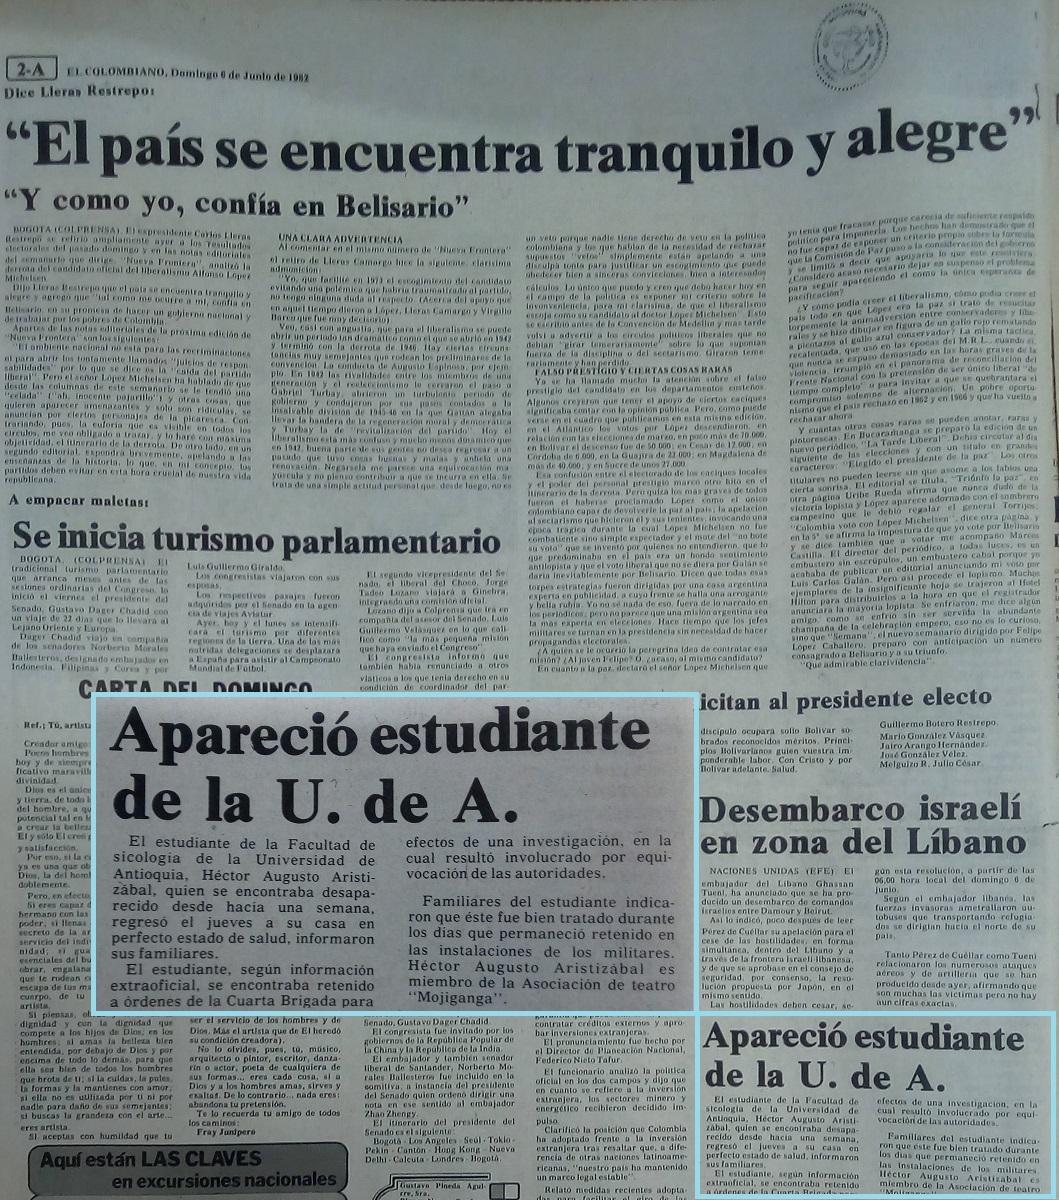 Fotografías tomadas de la edición del 6 de junio de 1982 del periódico El Colombiano